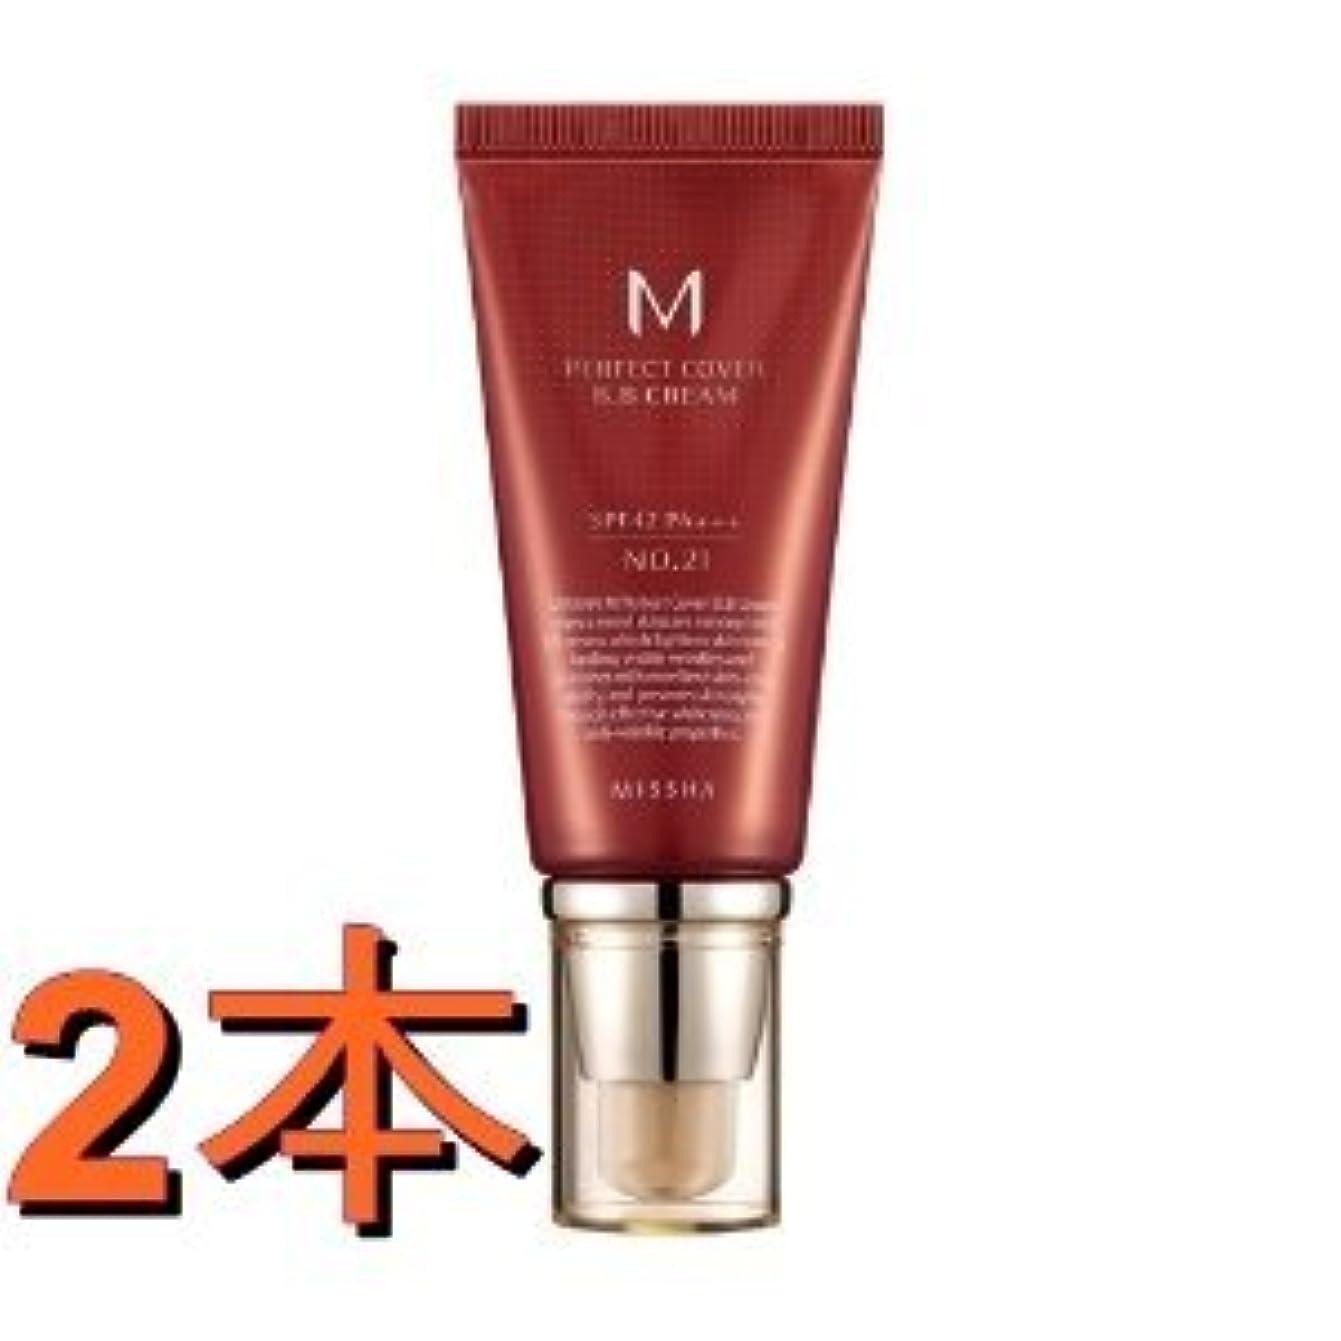 取り消すスポークスマンイソギンチャクミシャ(MISSHA) M パーフェクトカバー BB クリーム 2本セット NO.23 (ナチュラルでおちつきのある肌色) SPF42 PA++ 50ml[並行輸入品]